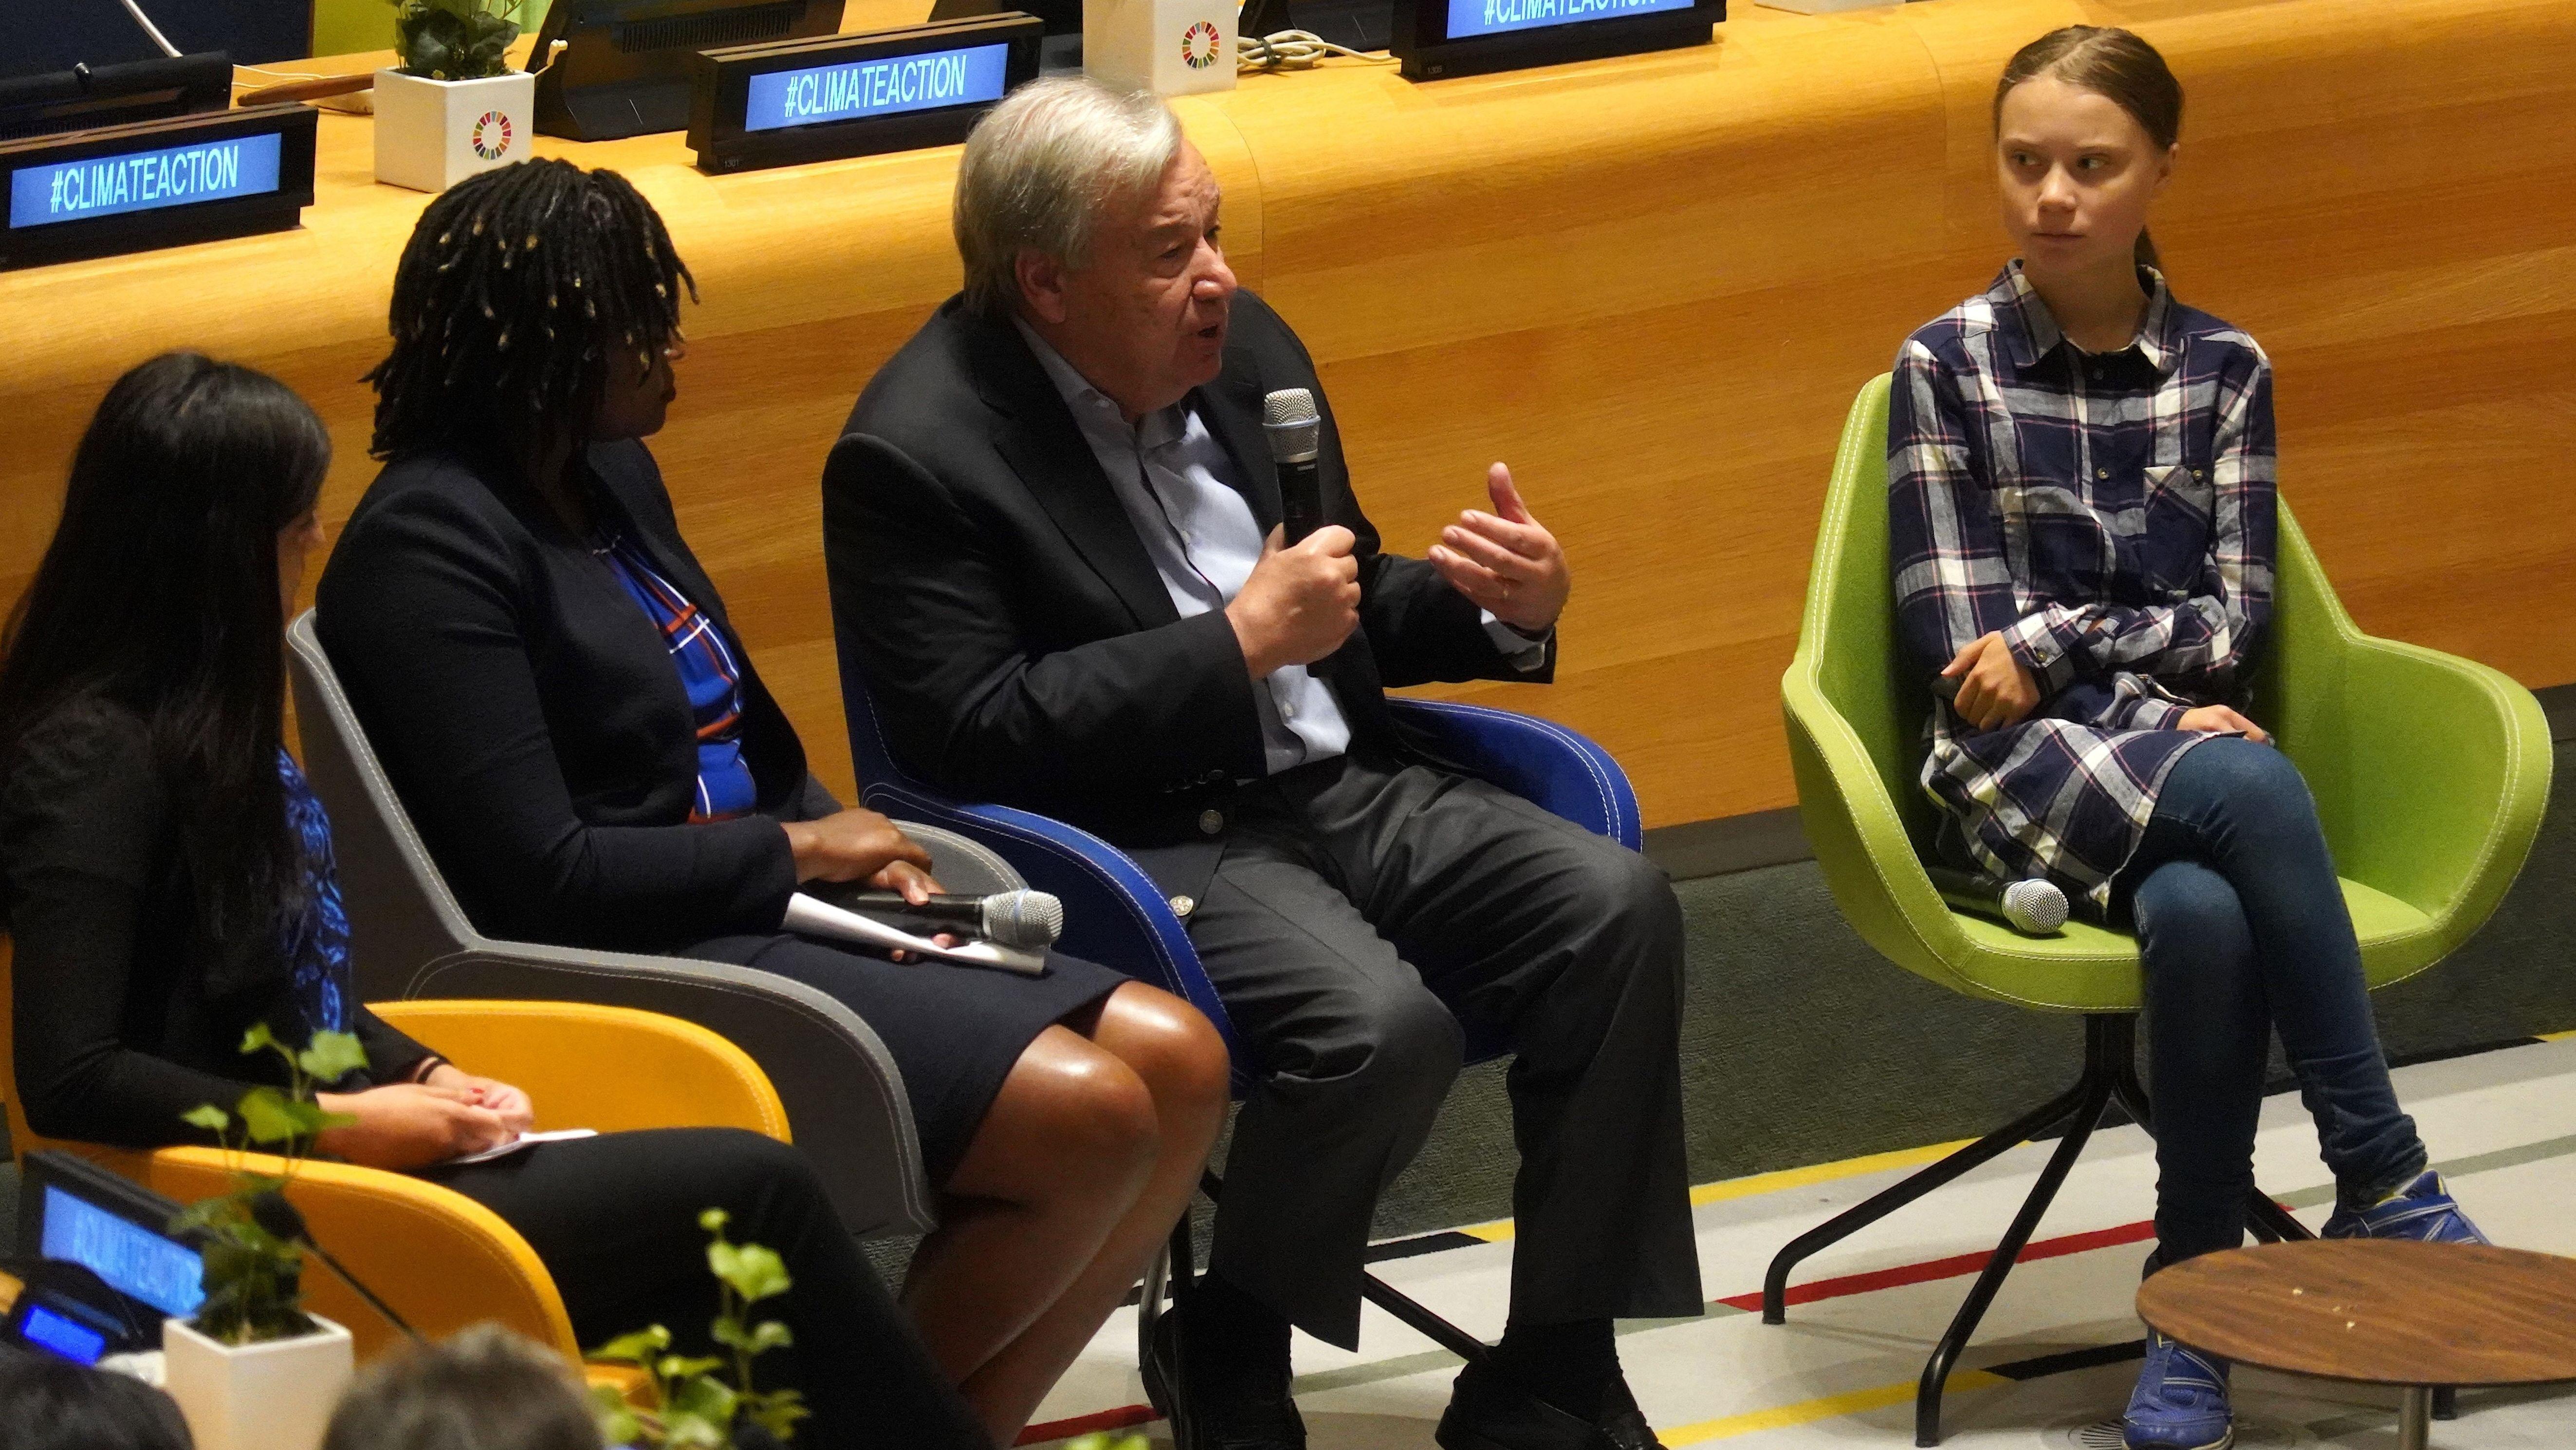 UN-Sekretär Antonio Guterres mit den Klimaaktivistinnen Greta Thunberg (re.) Wanjuhi Njoroge (zweite von li.), and Komal Karishma Kumar (li.)